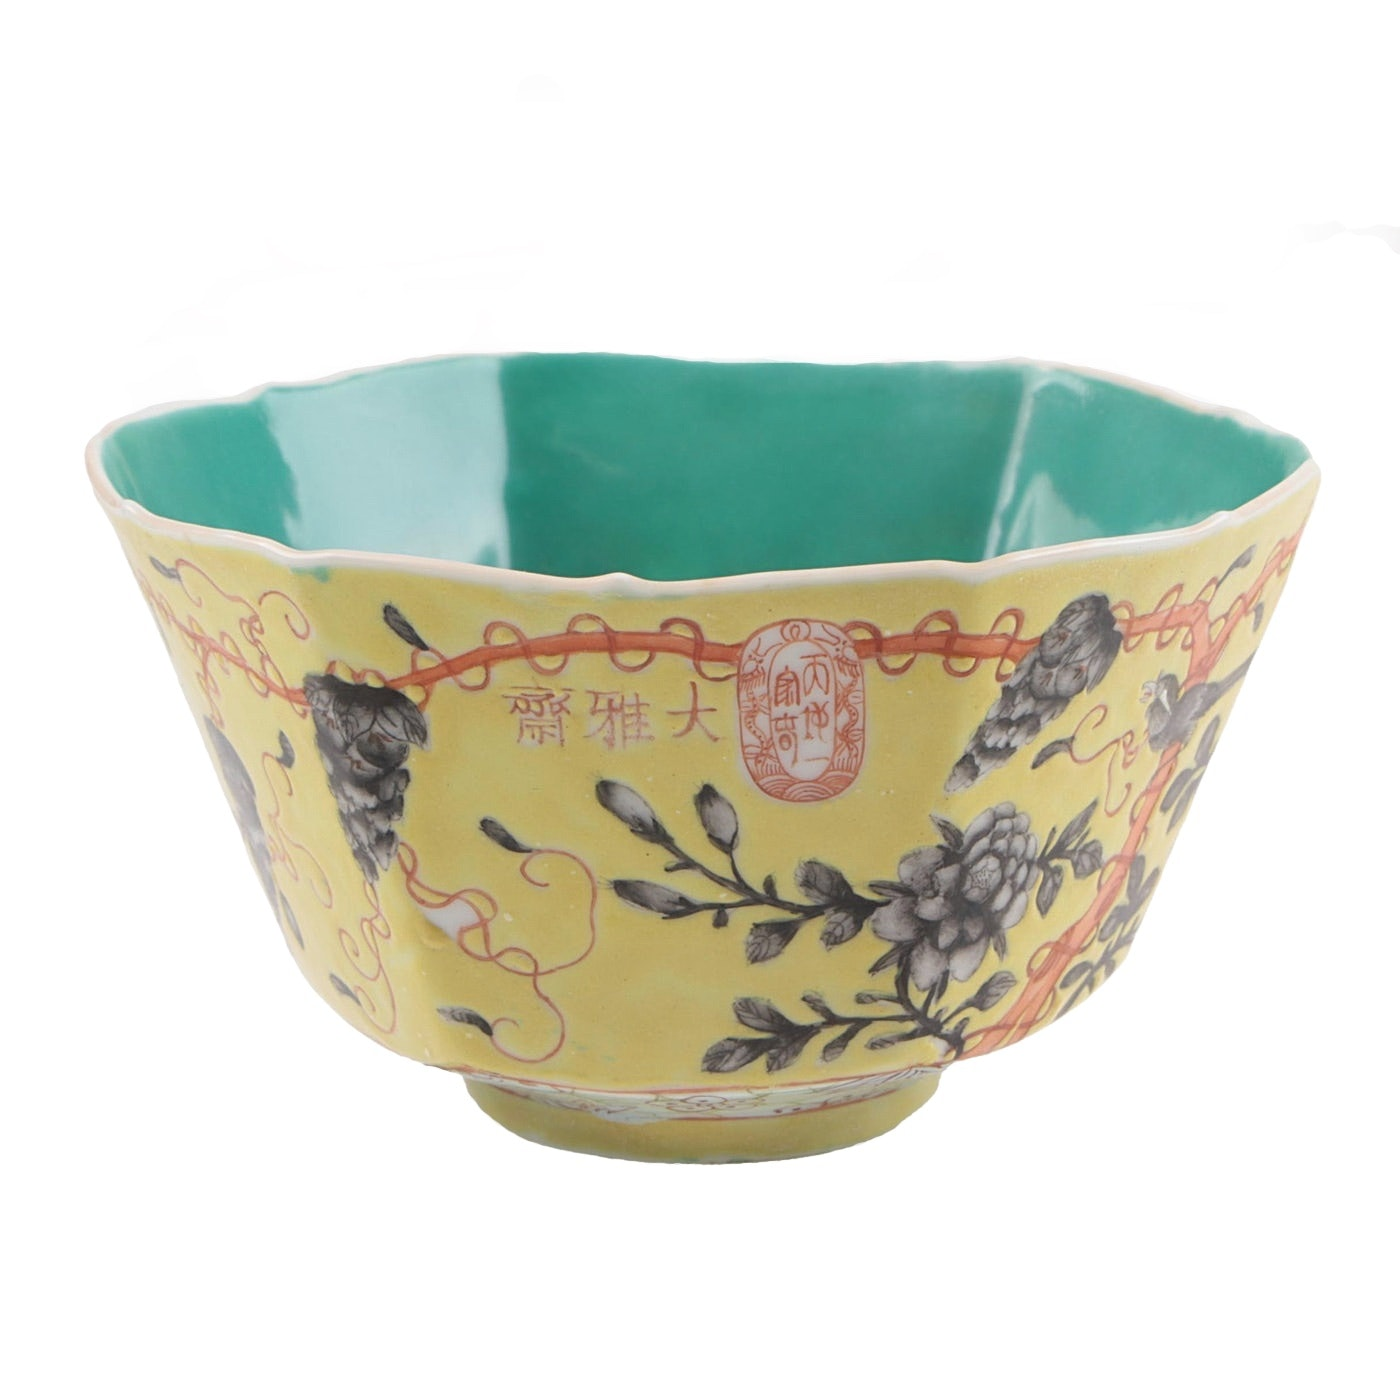 Chinese Famille Jaune Da Ya Zhai Hexagonal Bowl